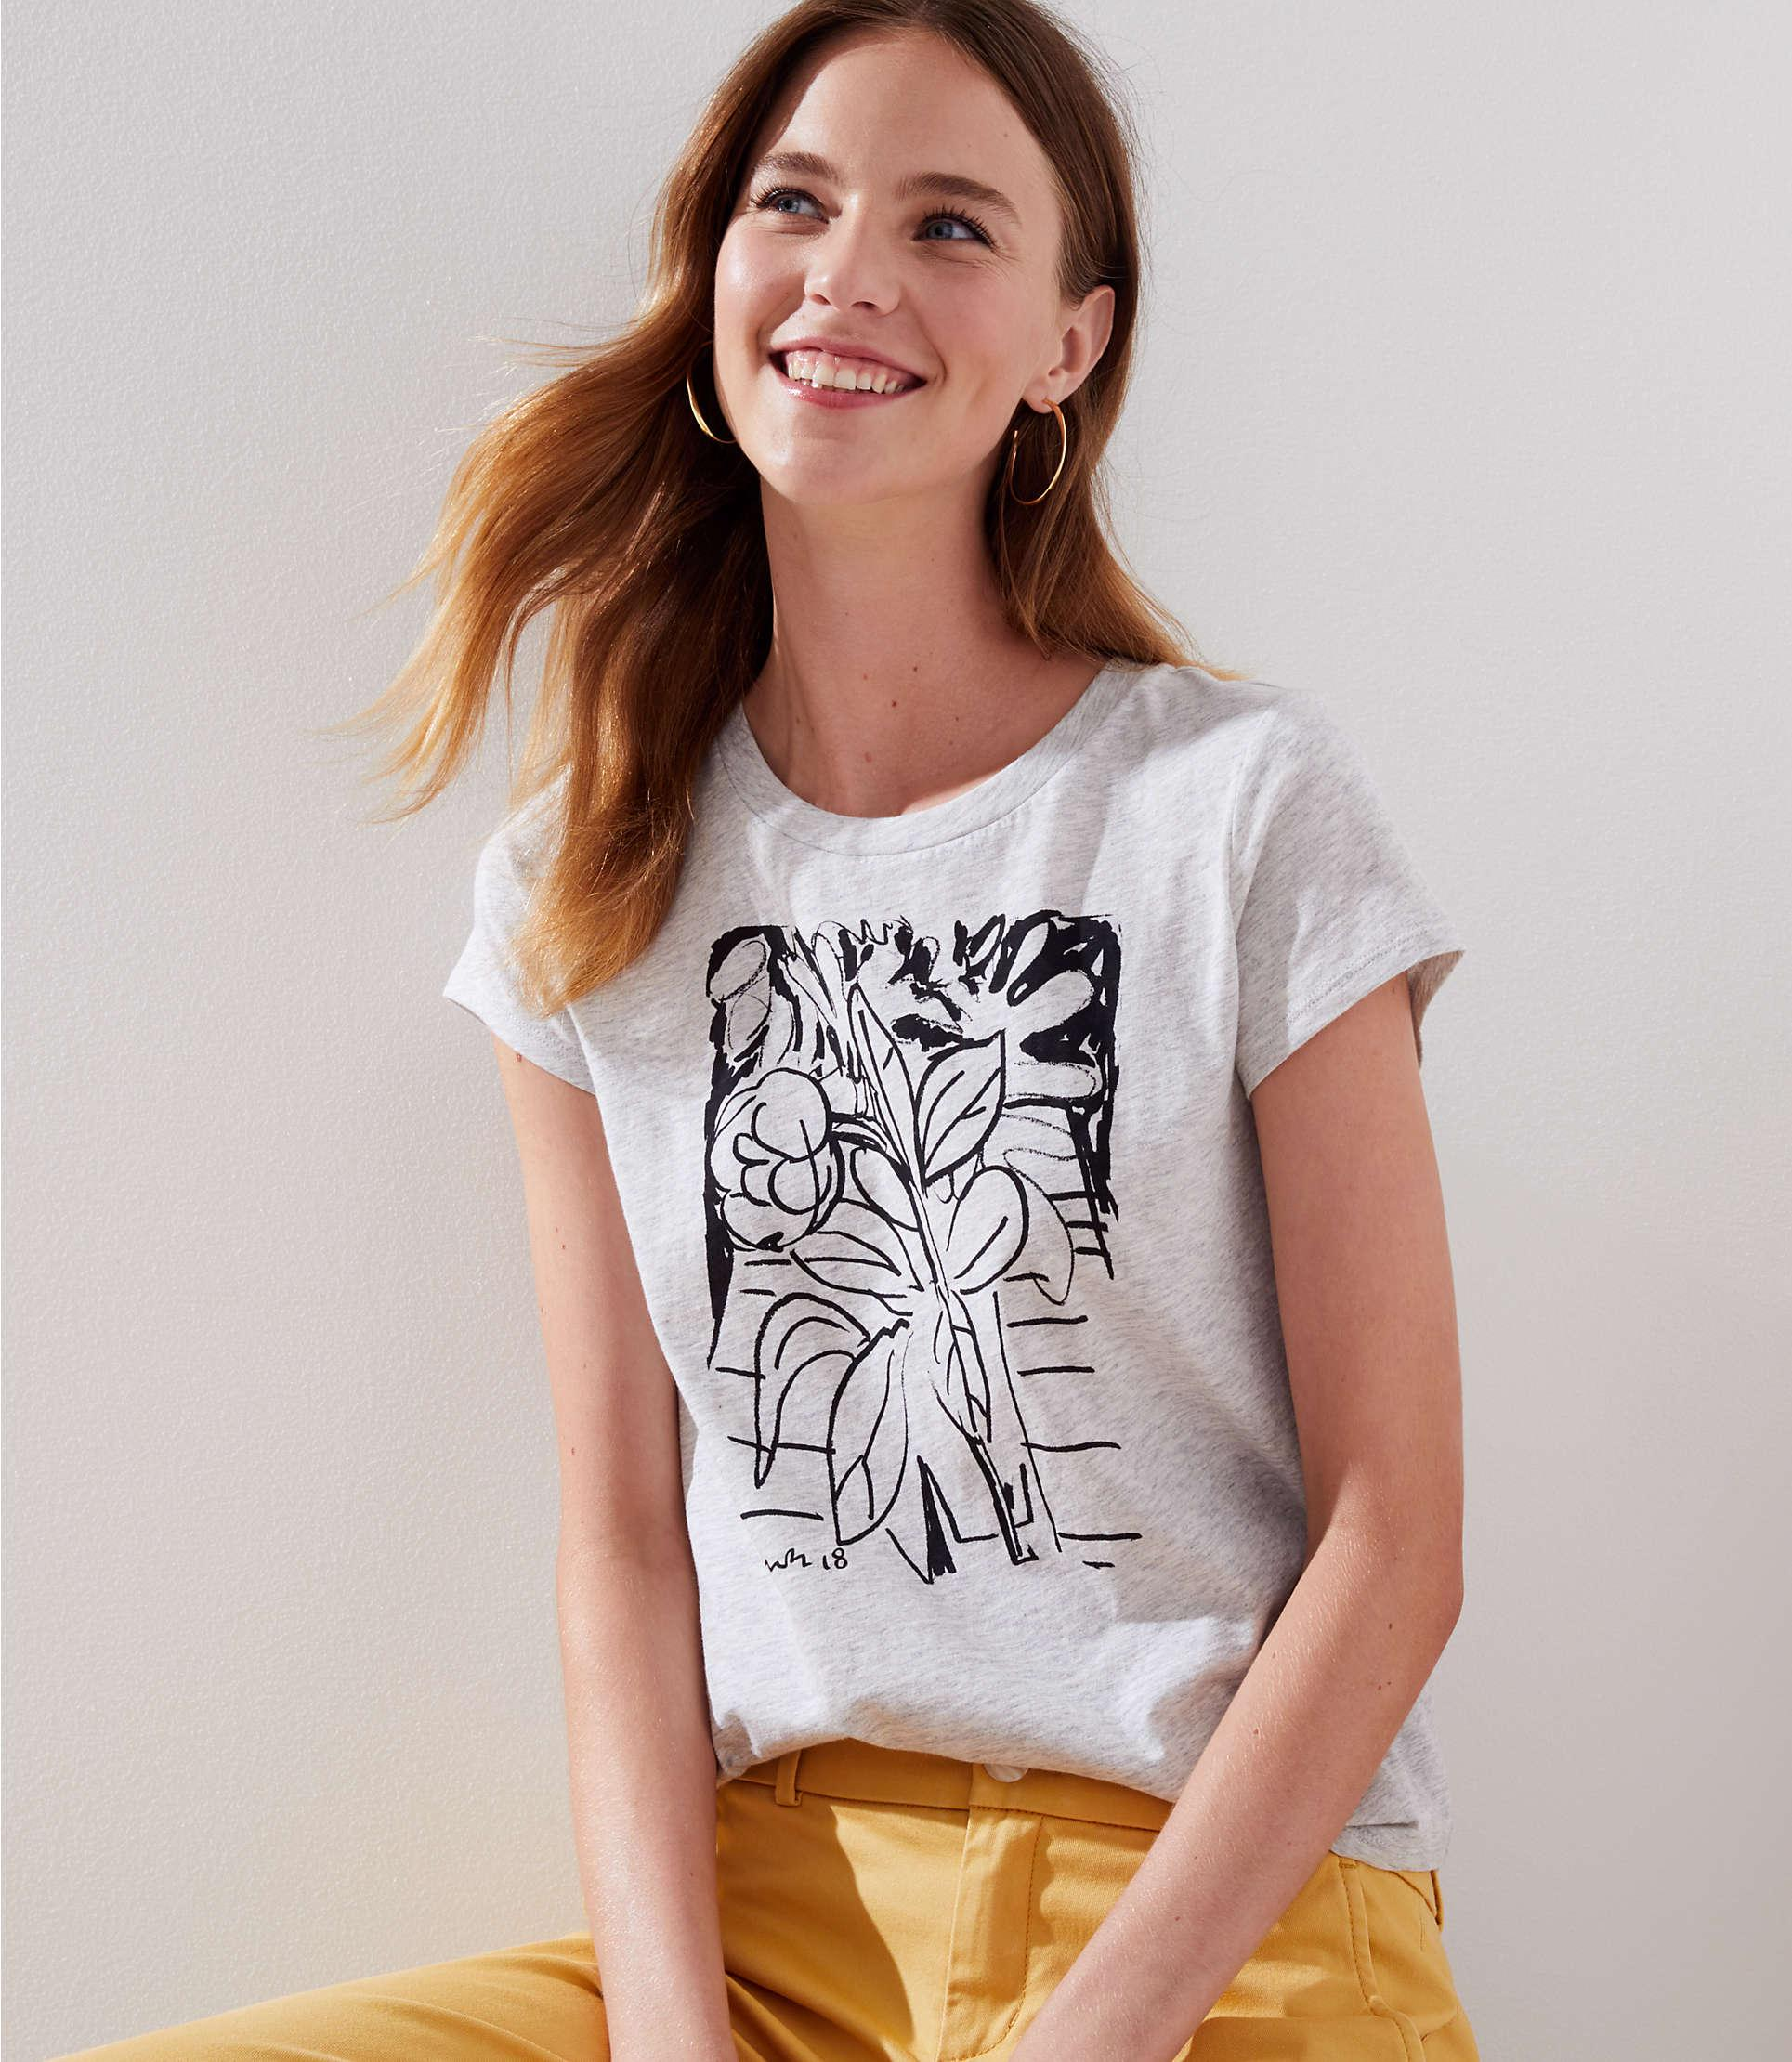 Ralph lauren women's petites cotton shirt dresses for sale